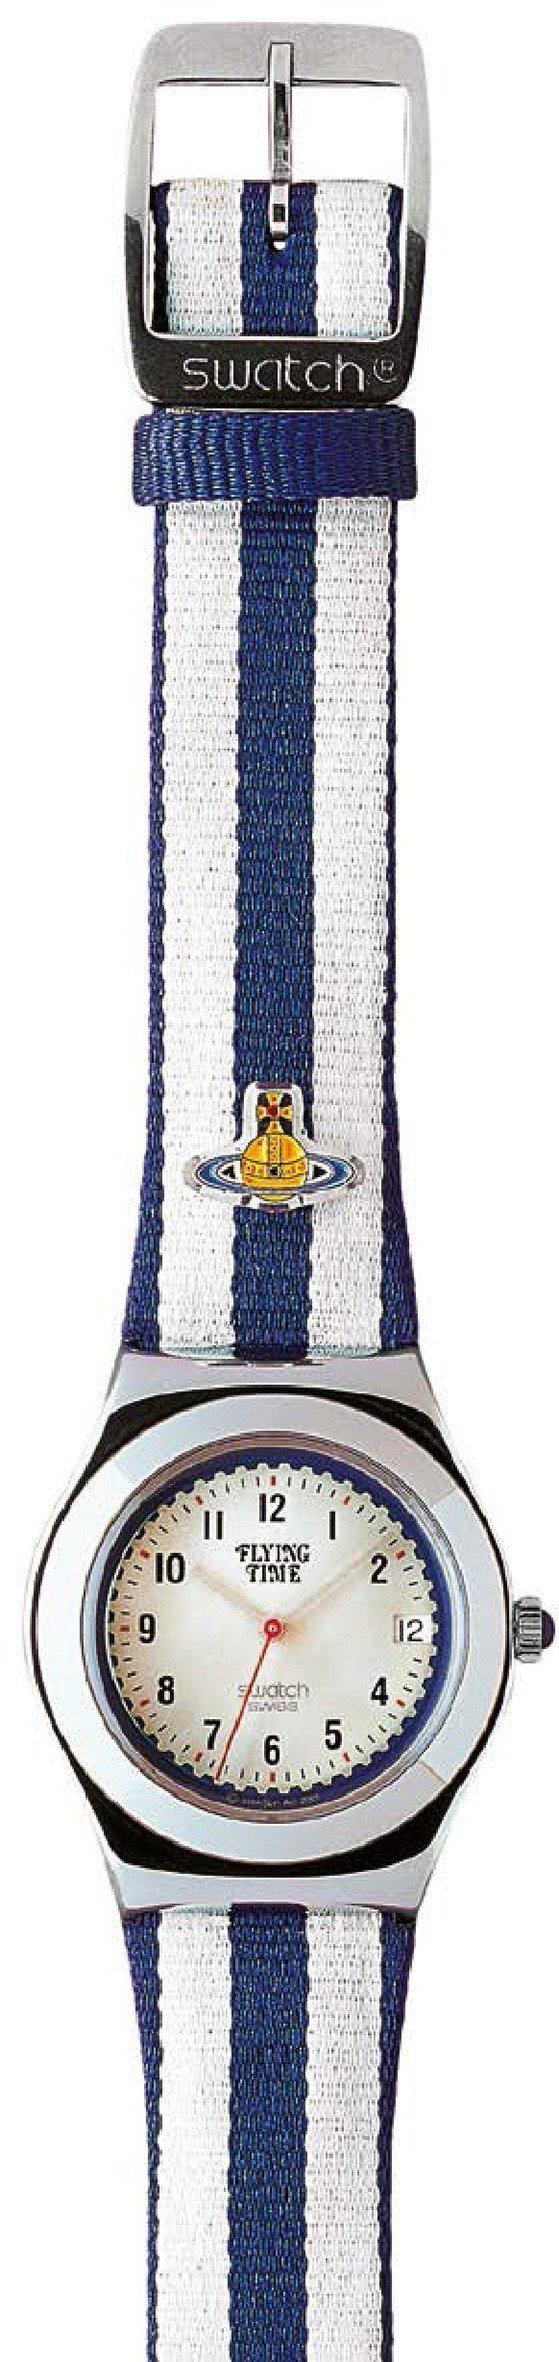 英國時尚設計師Vivienne Westwood與SWATCH合作的聯名腕表,2...